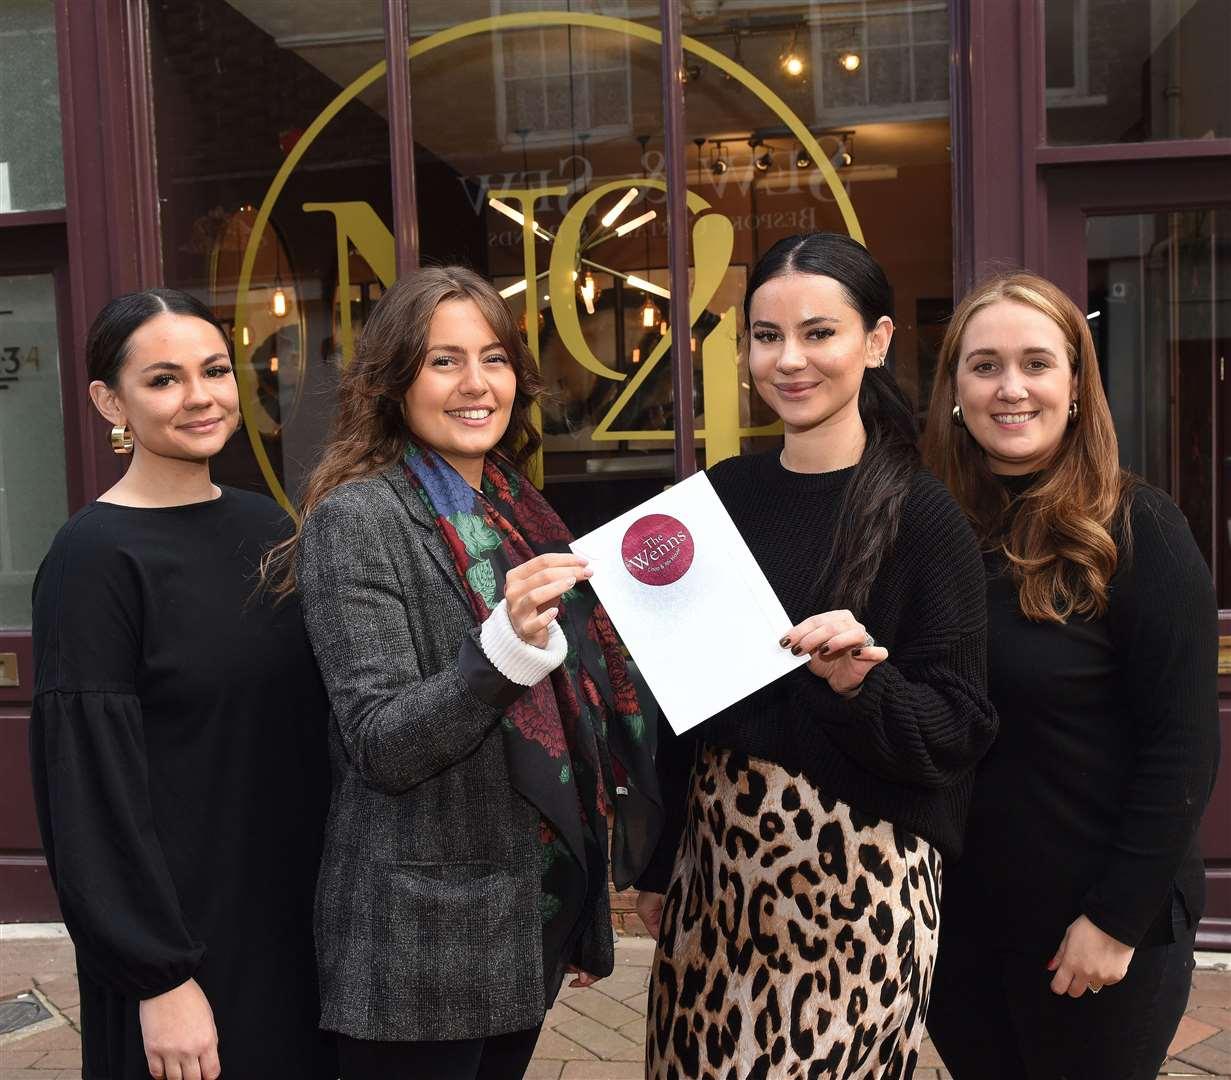 At Hair and Beauty Salon No4, from left to right, Abbi Pochetty, Ilaria Pezzella, Becky Pochetty and Charlotte Watson.  MLNF-21PM10048